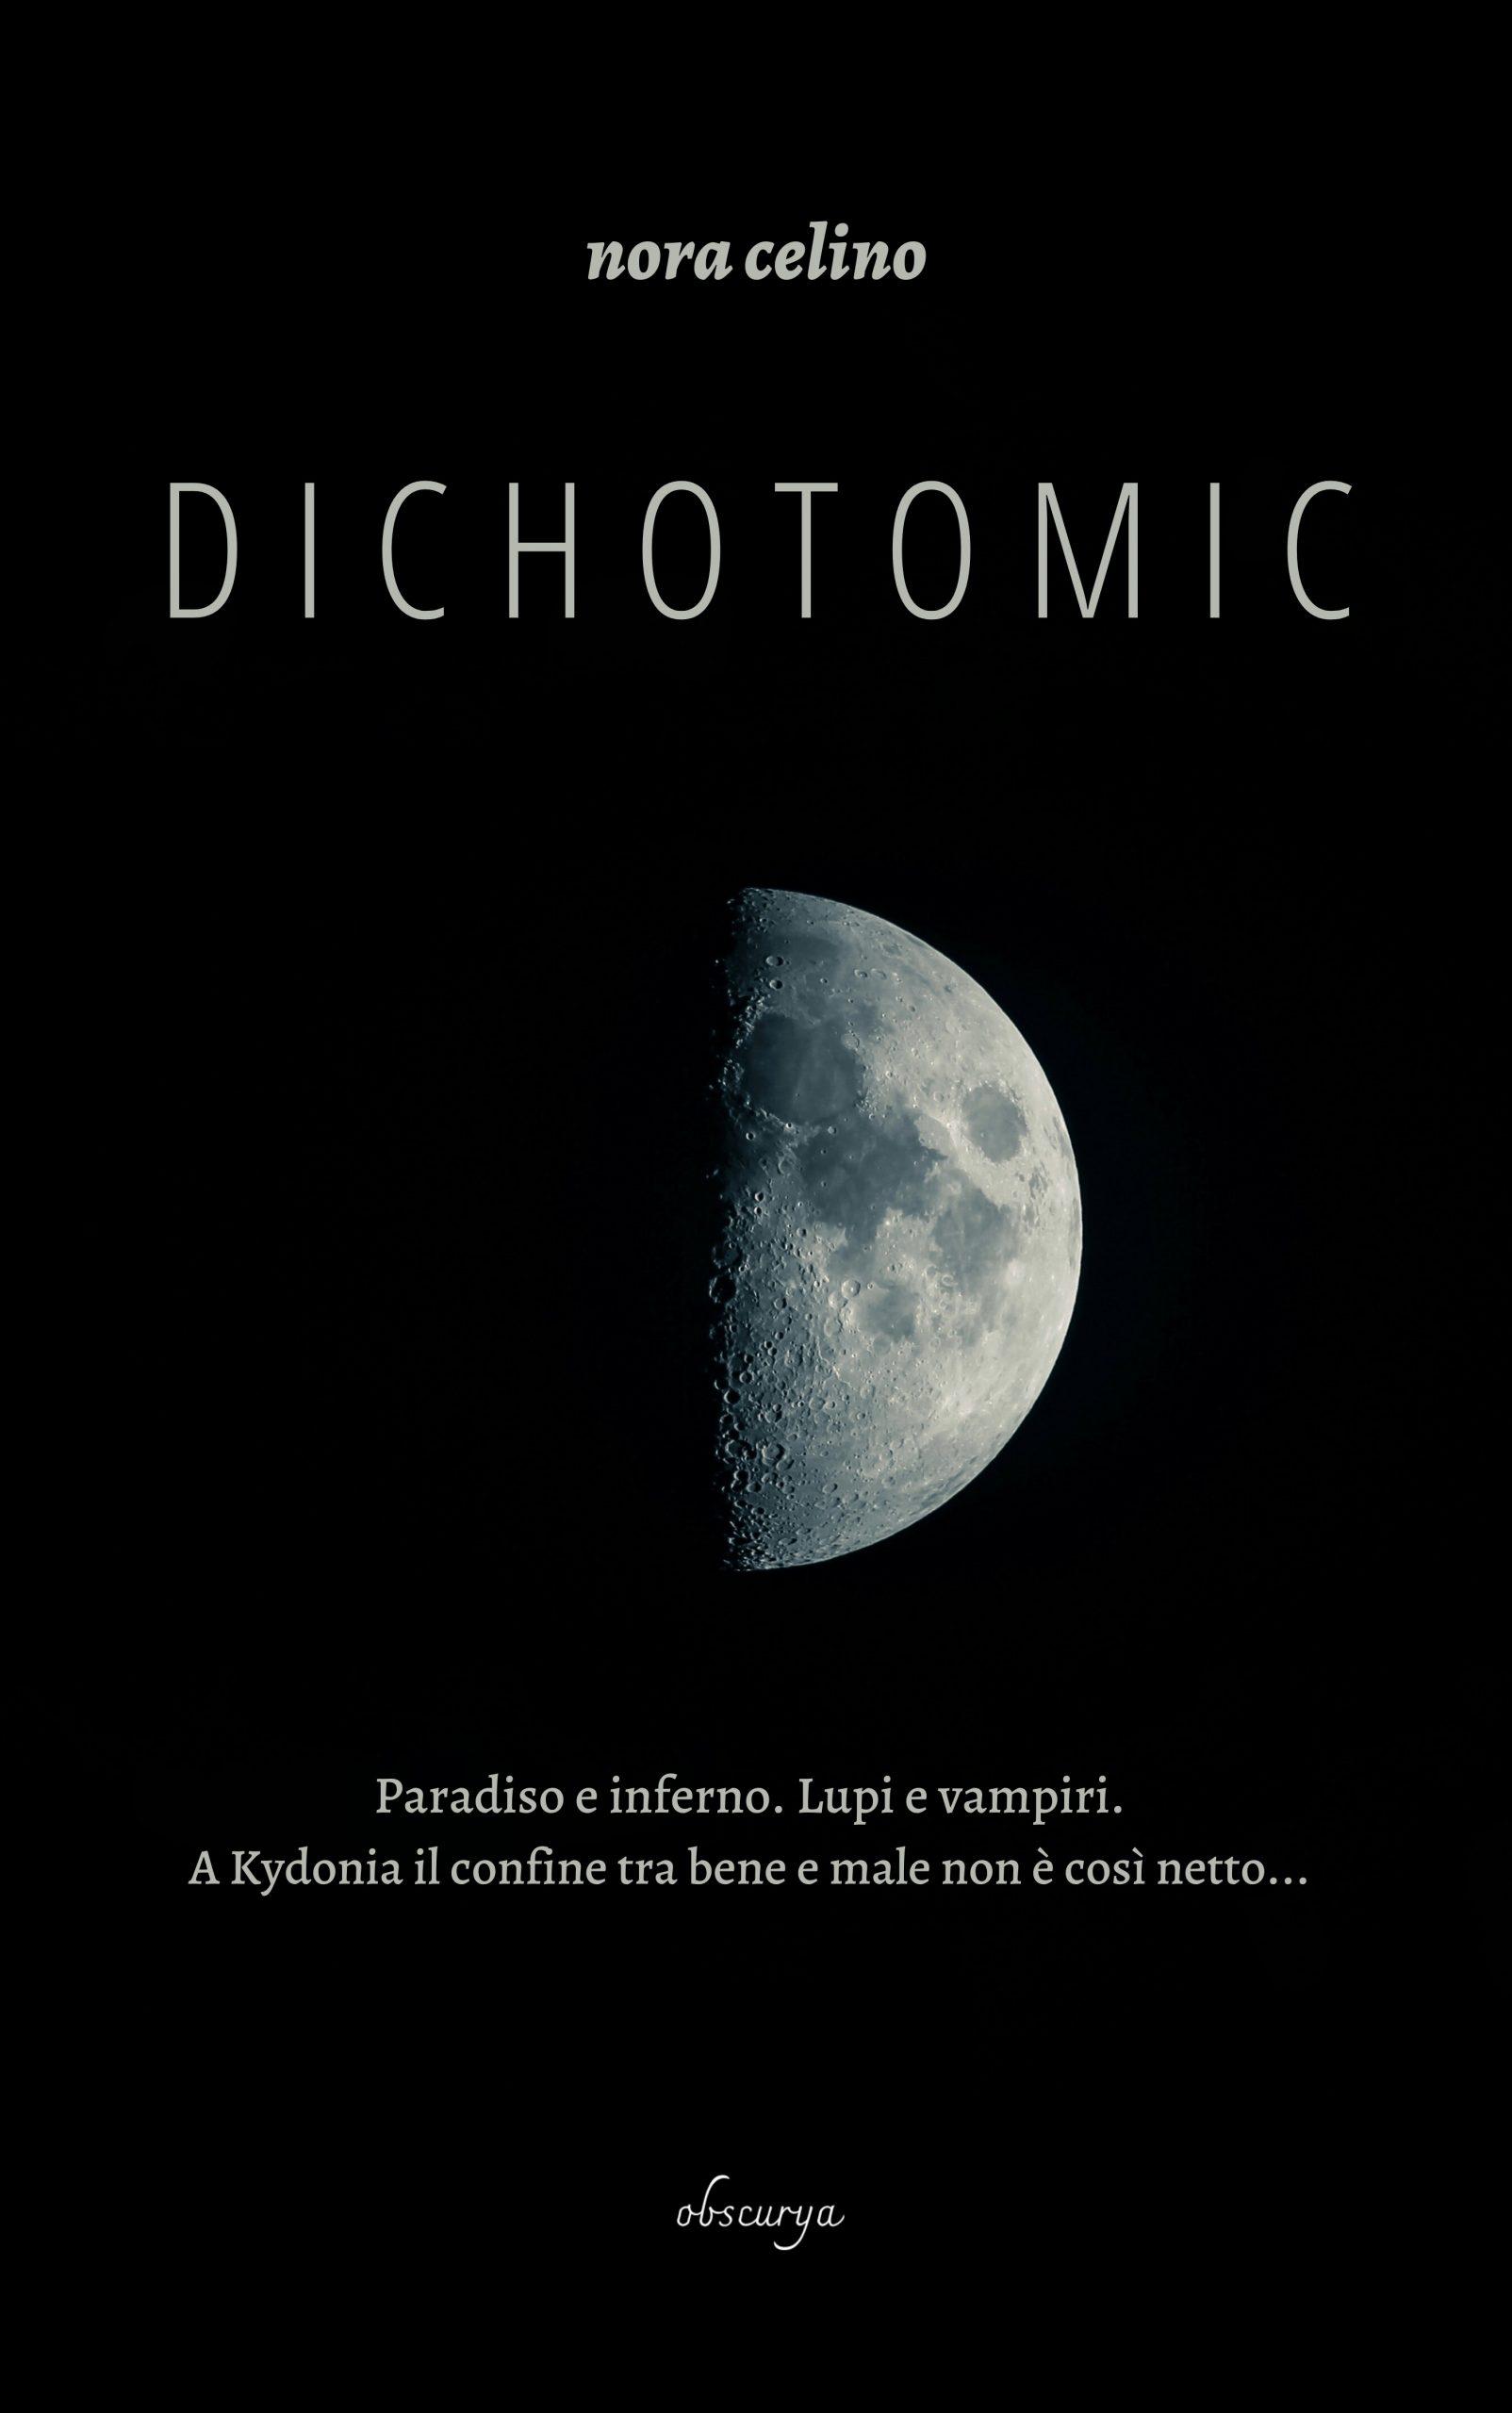 Segnalazione: Dichotomic